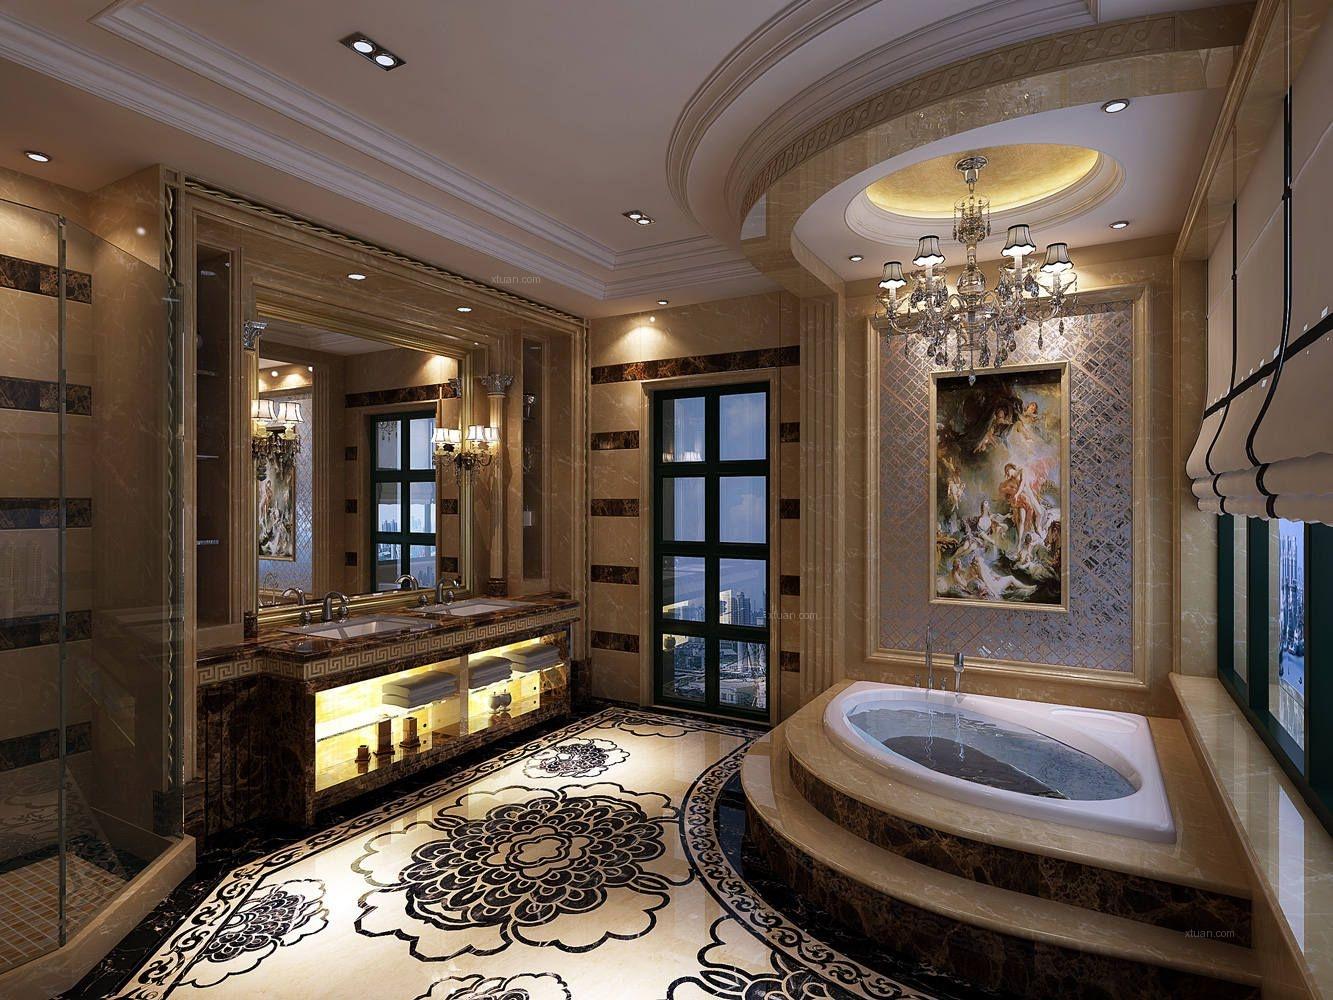 牡丹园别墅美式风格设计方案装修效果图图片